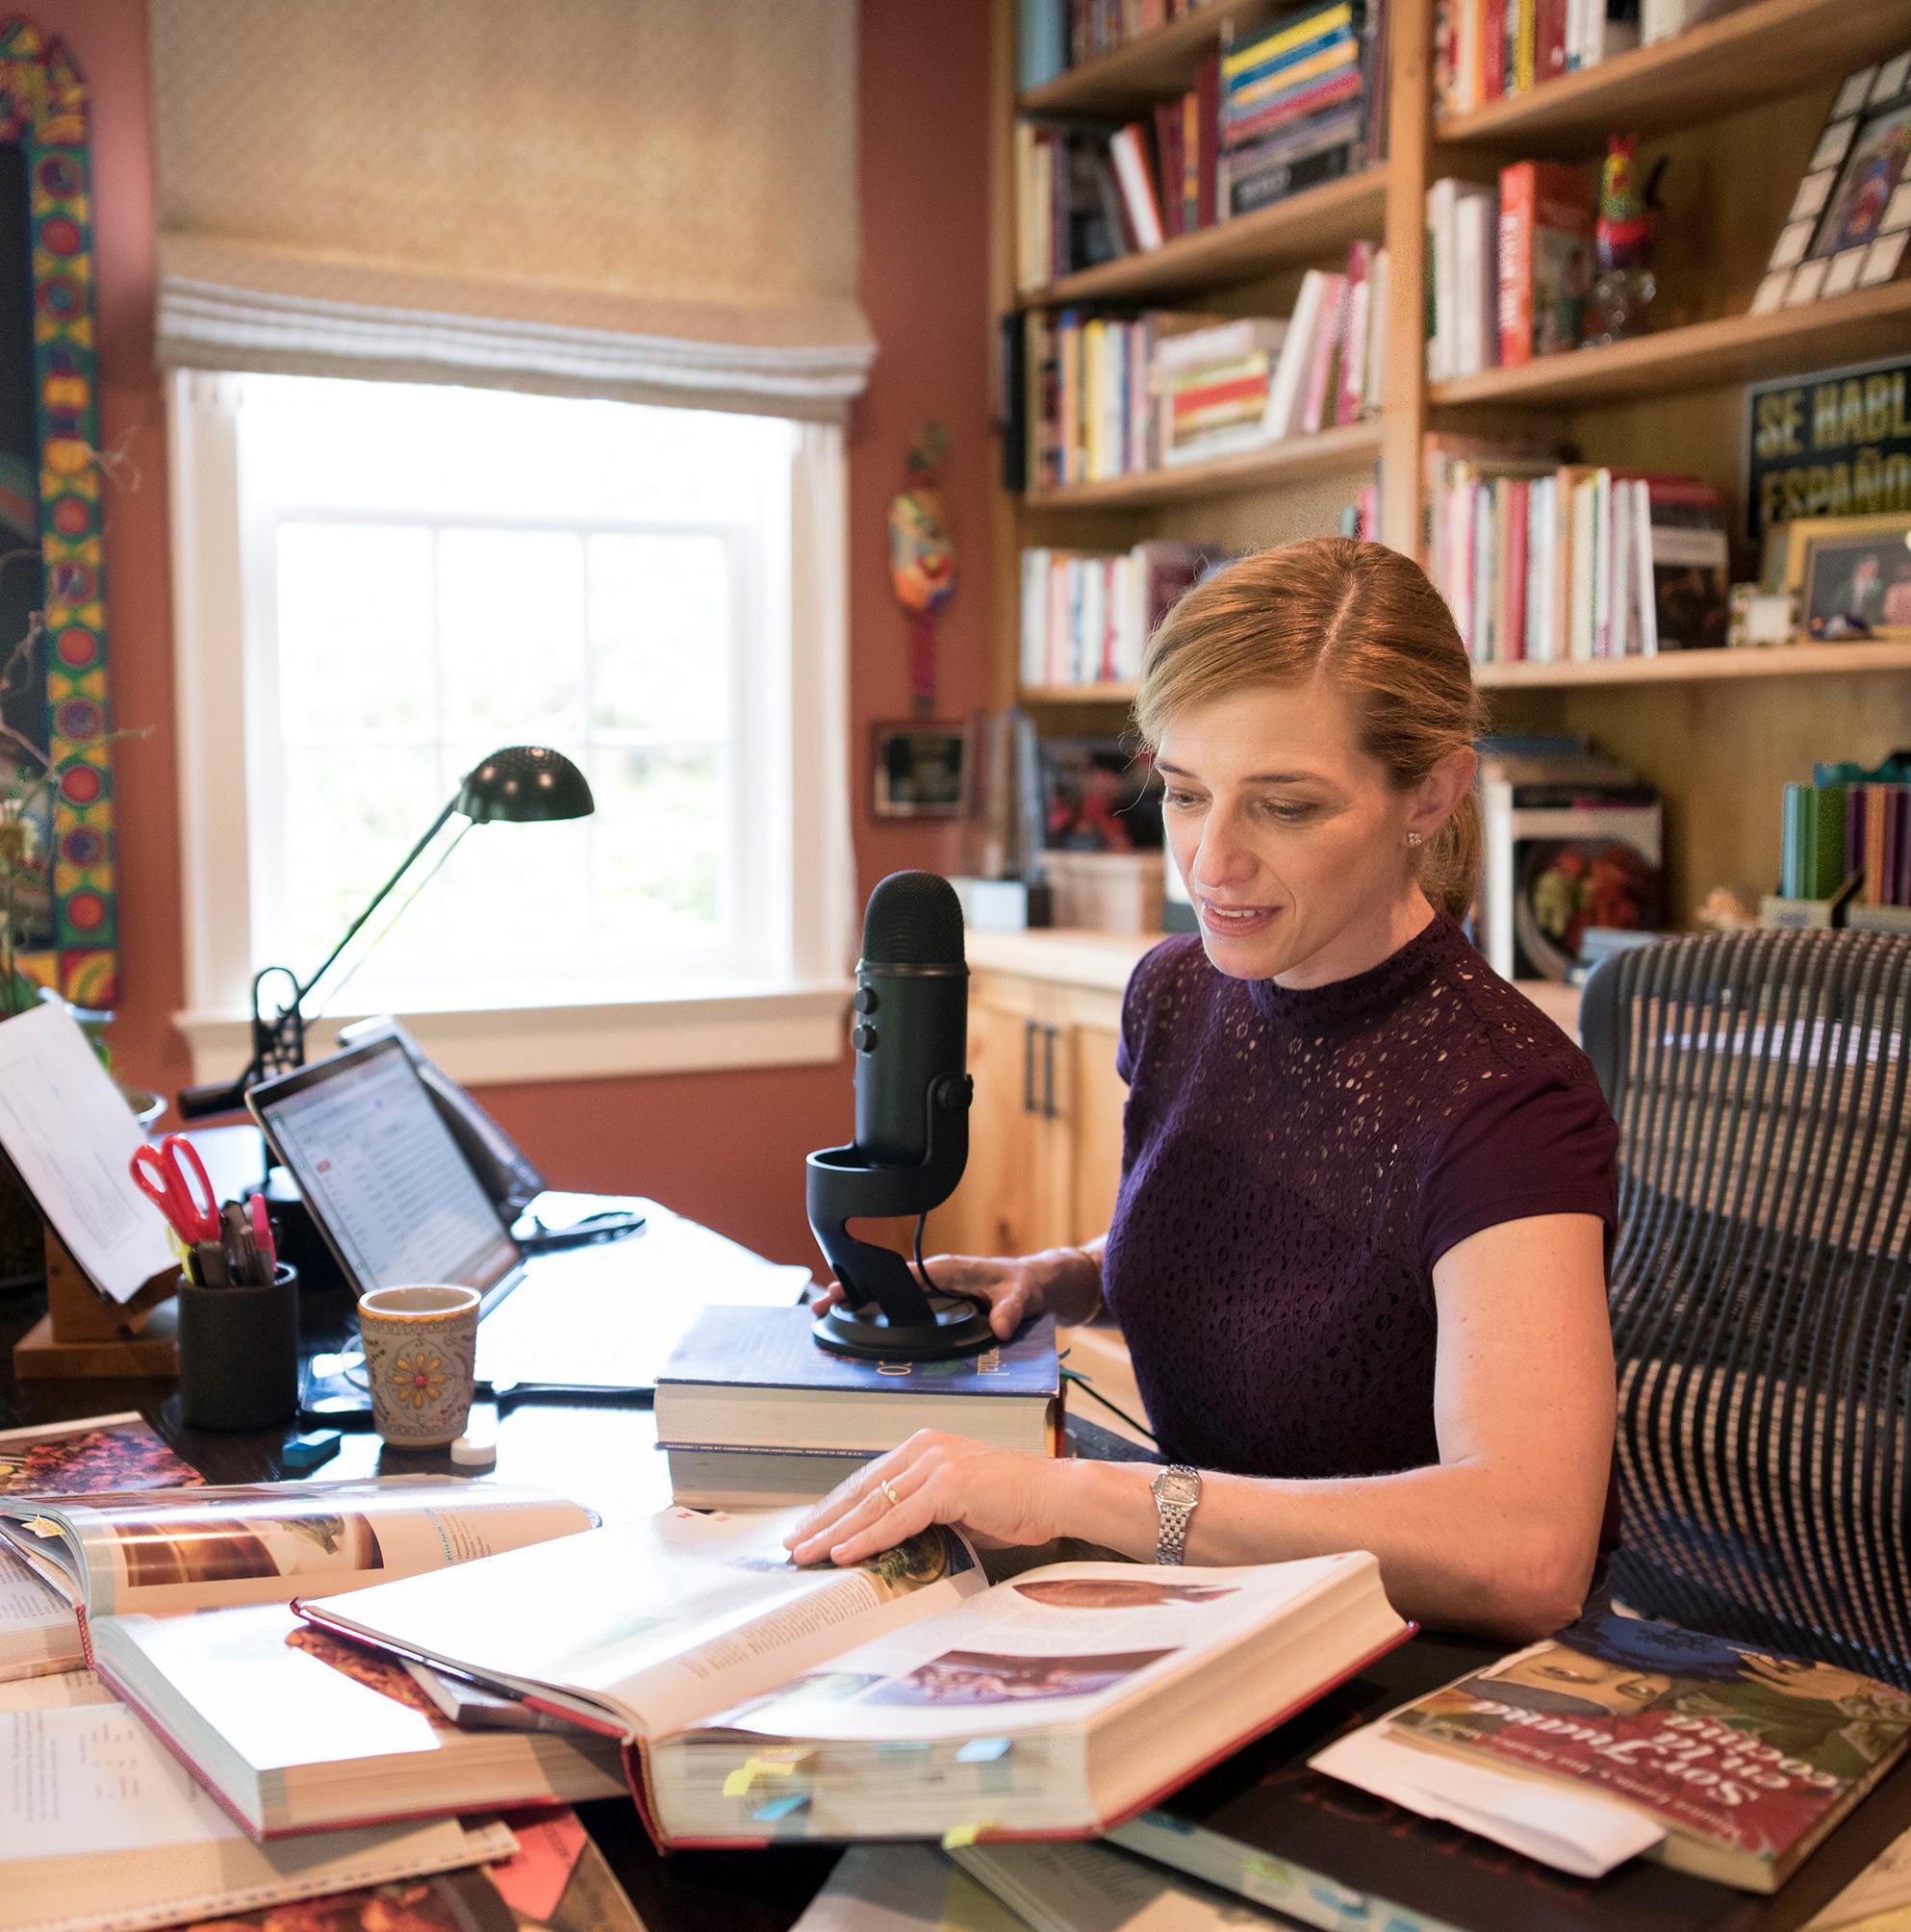 Pati at her desk